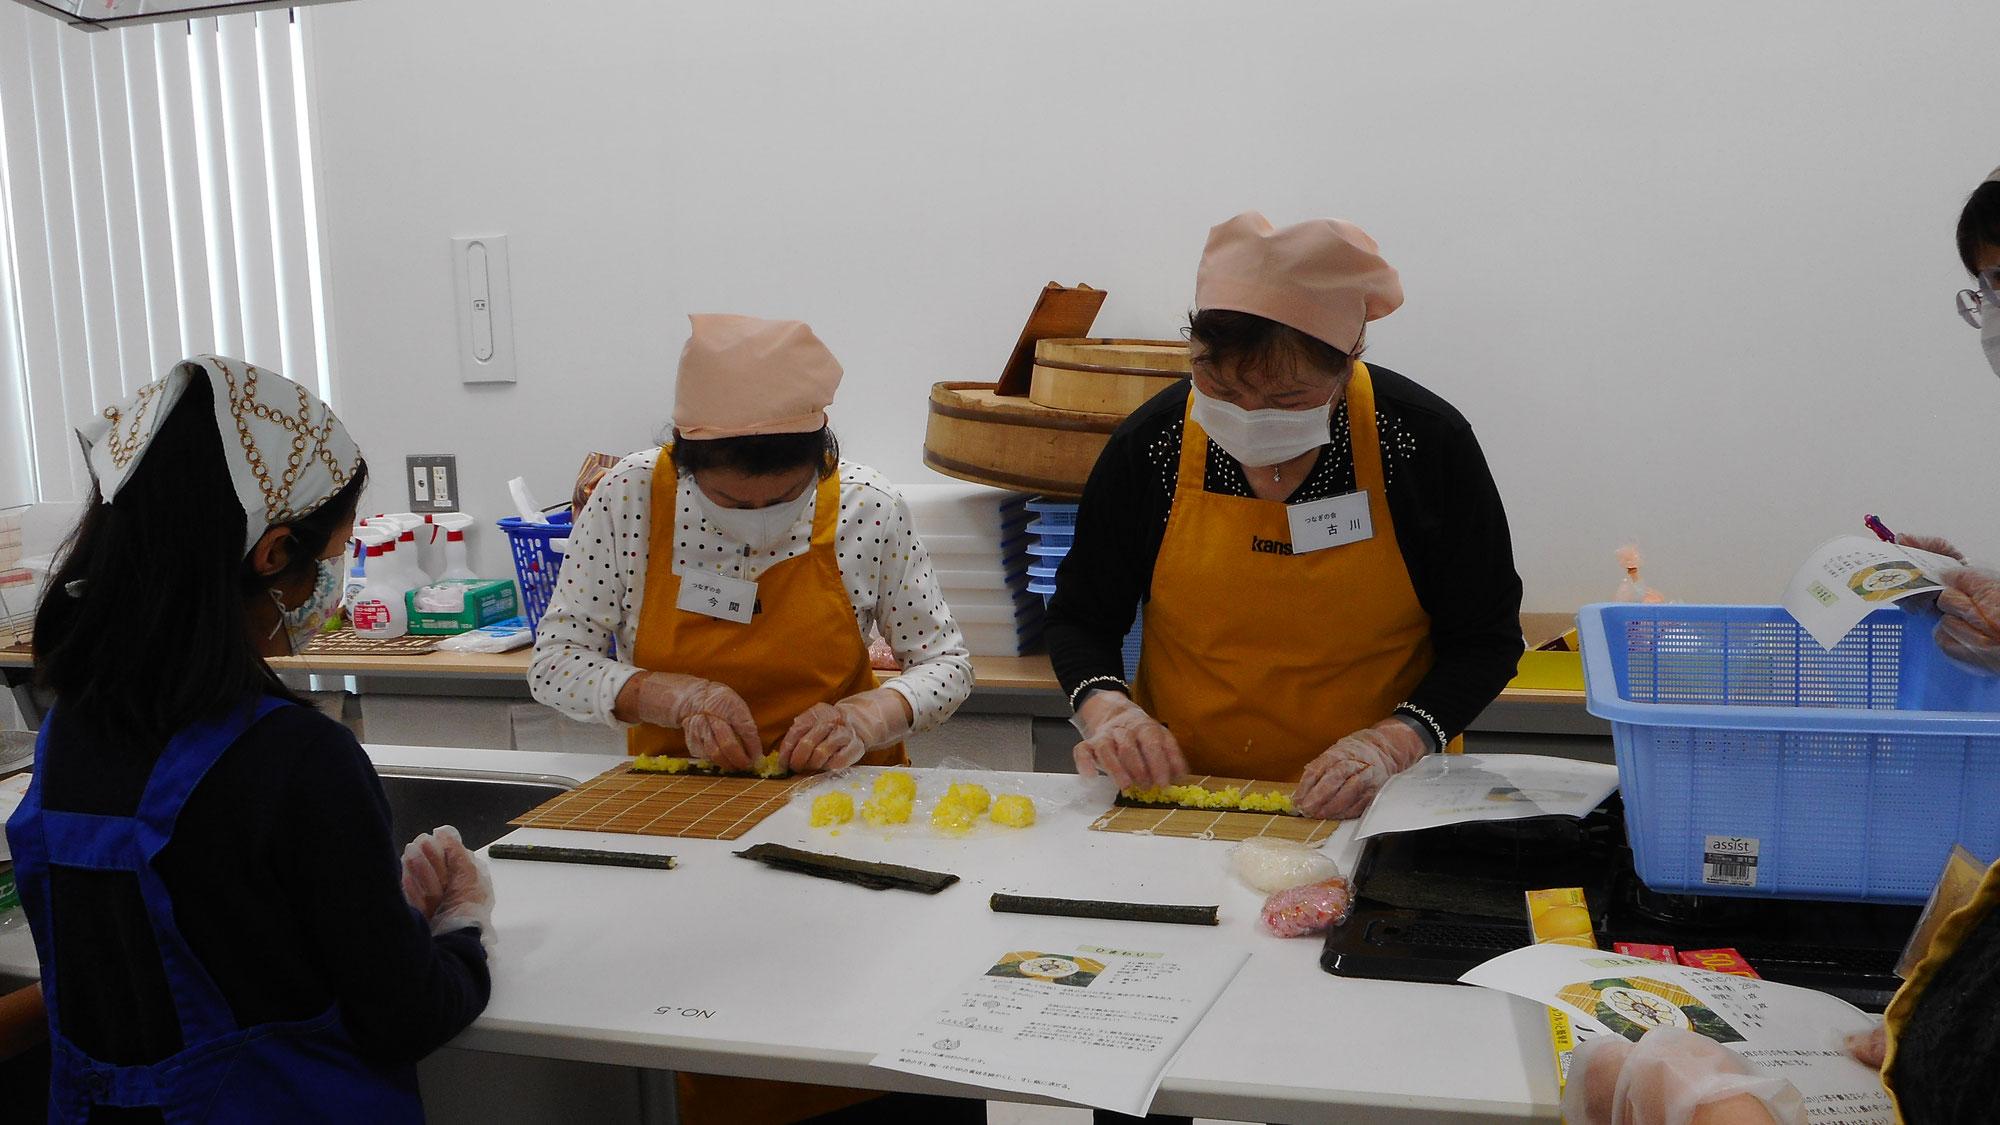 明日は太巻き寿司講習会です。